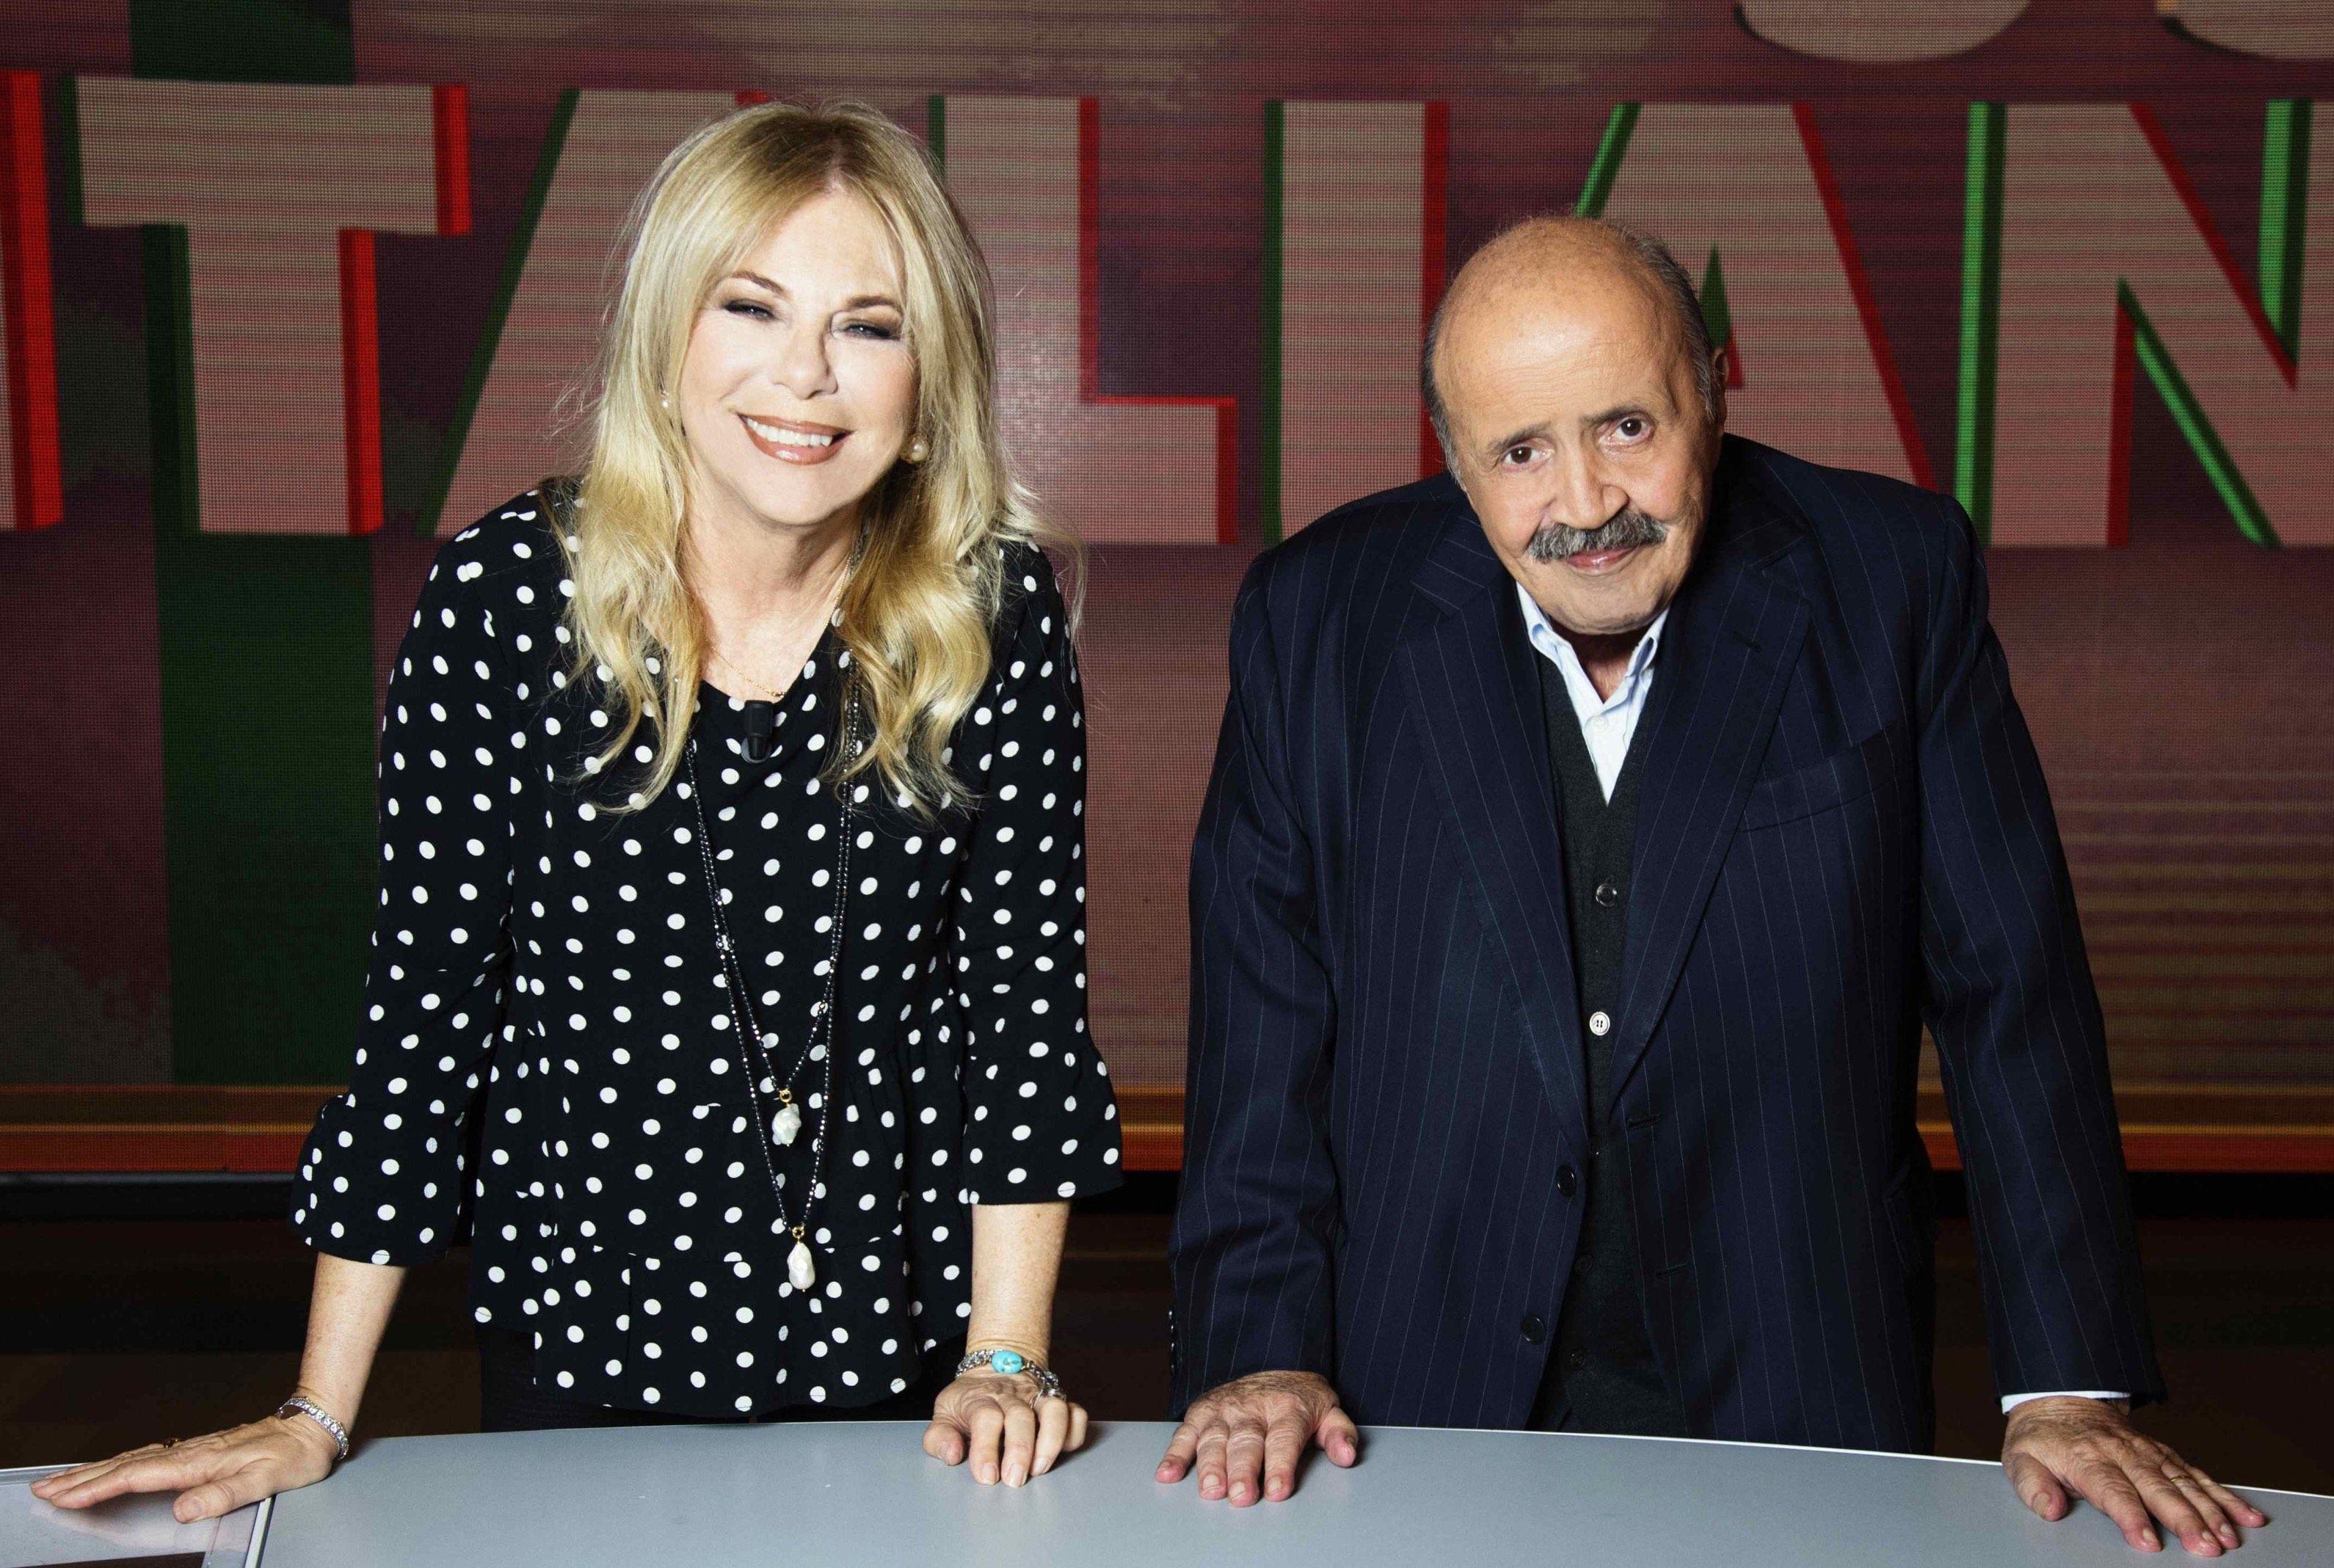 Ieri Oggi italiani, il nuovo 'salotto' di Rete4